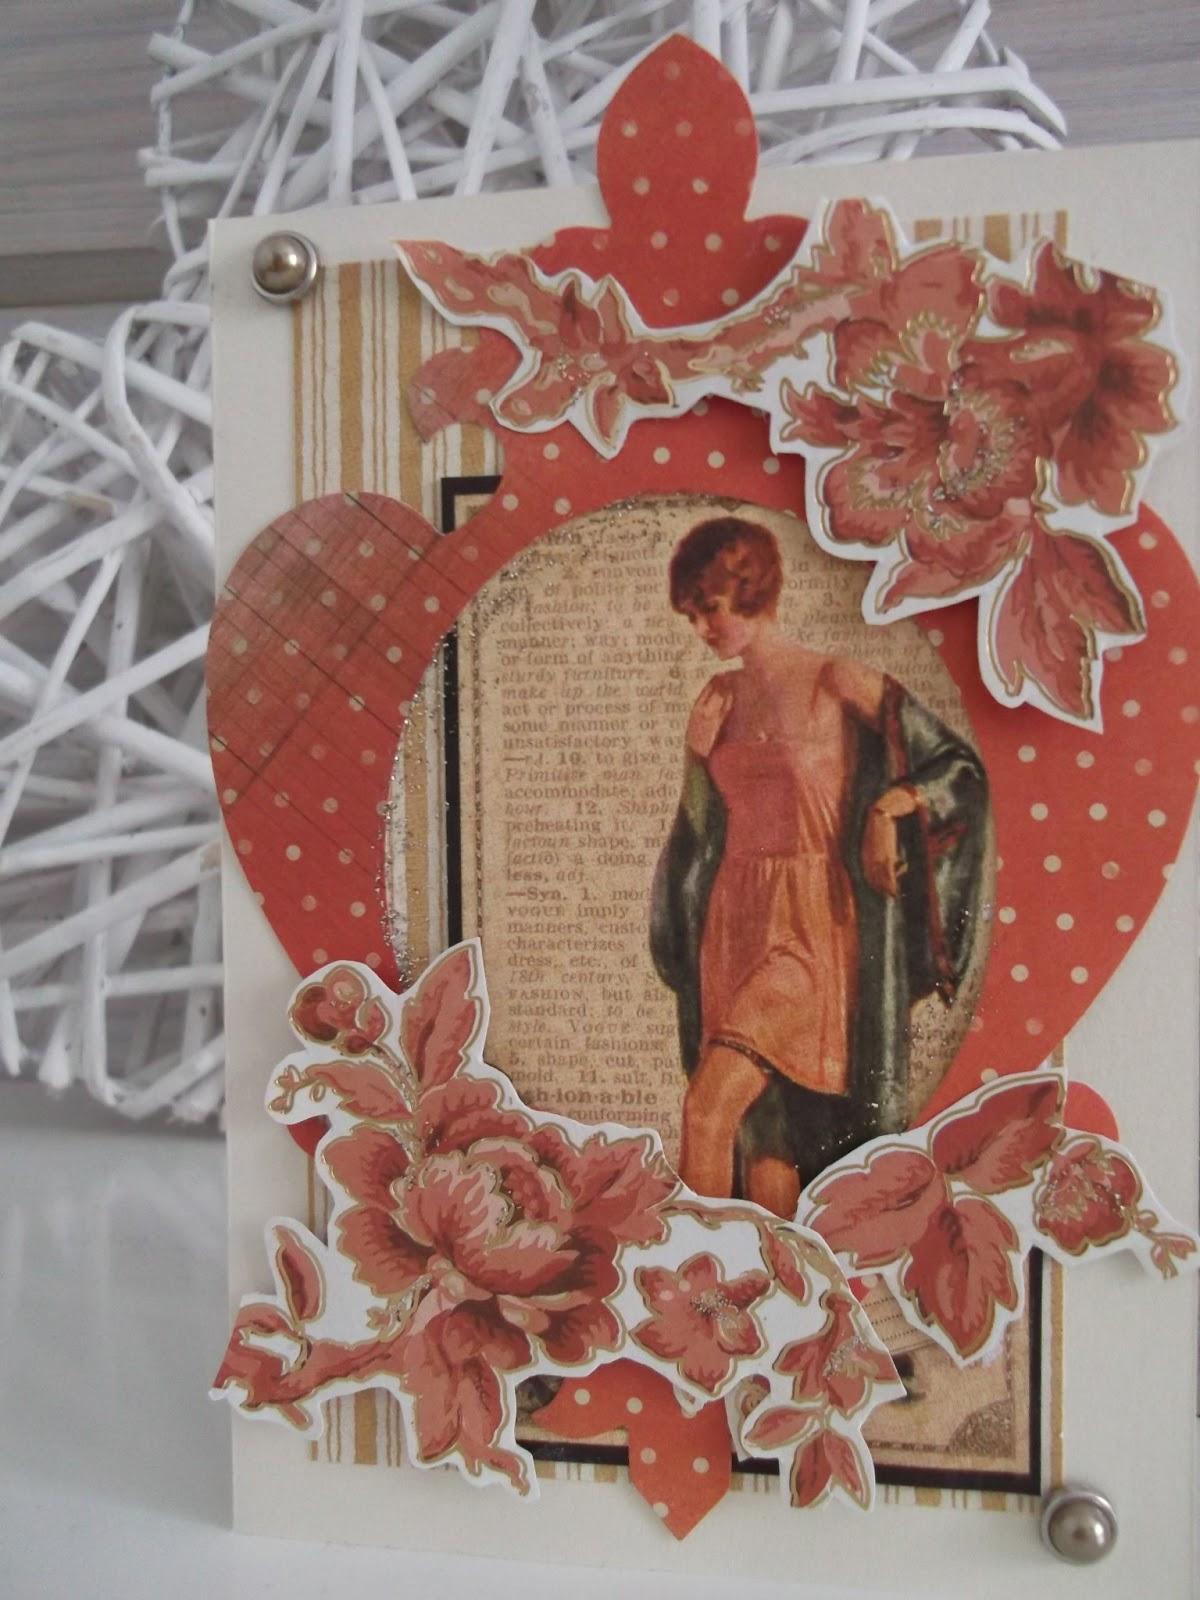 onnittelukortti, jossa aamutakkinen nainen, ruusuja